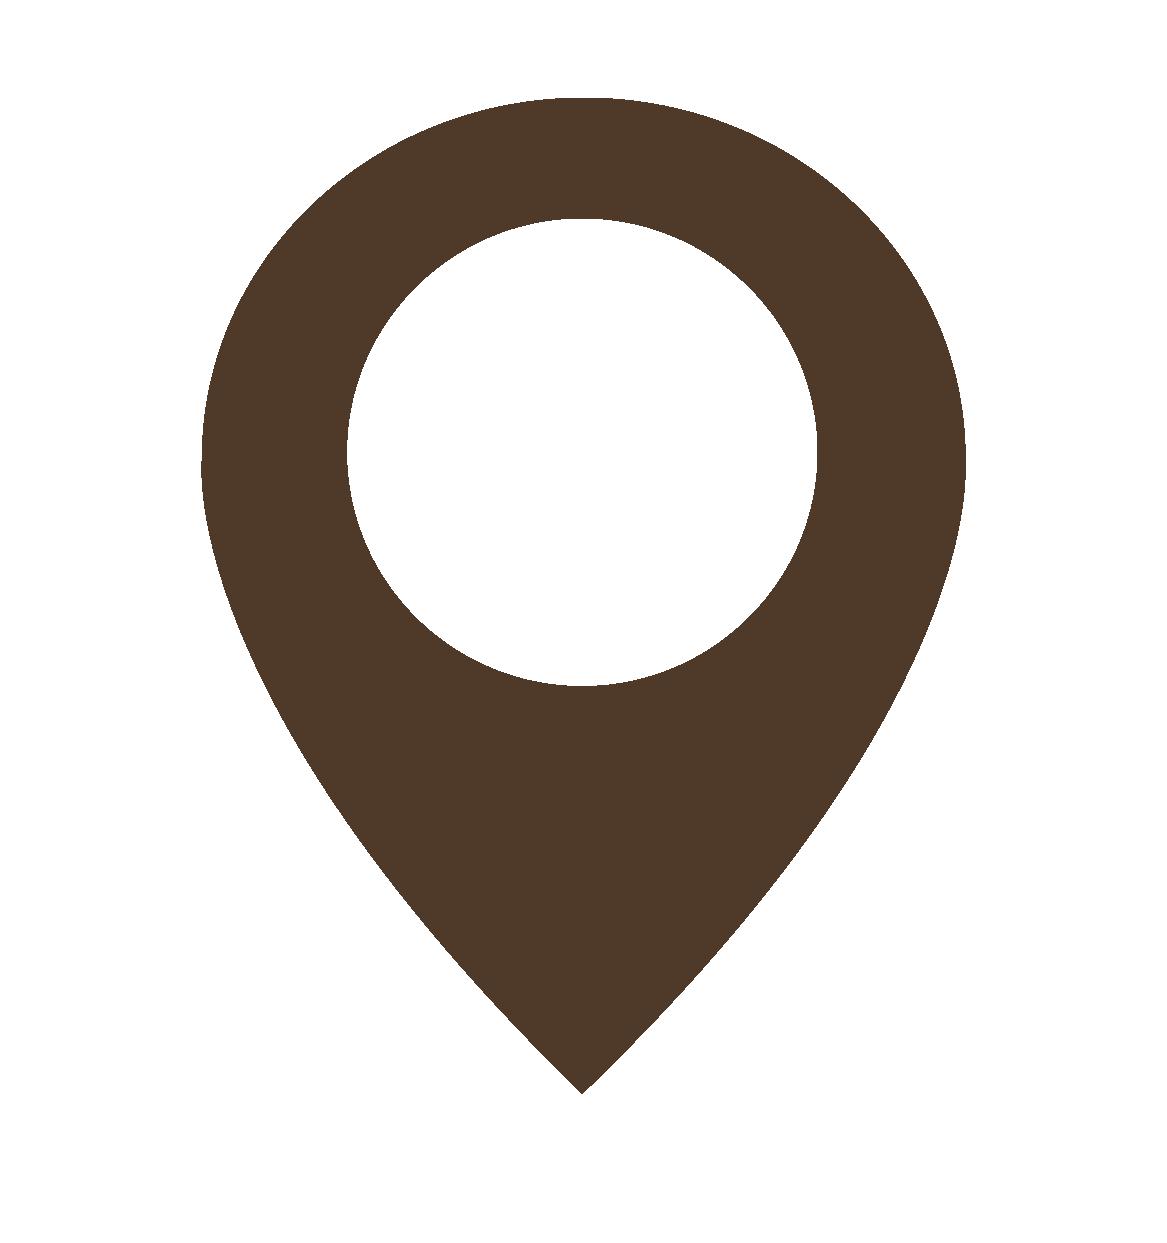 location-icon-01